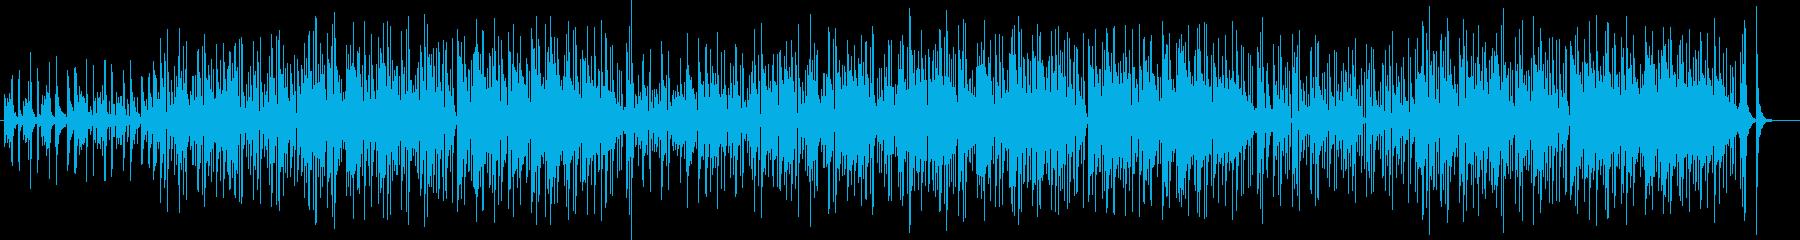 落ち着いたムードのあるポップスの再生済みの波形